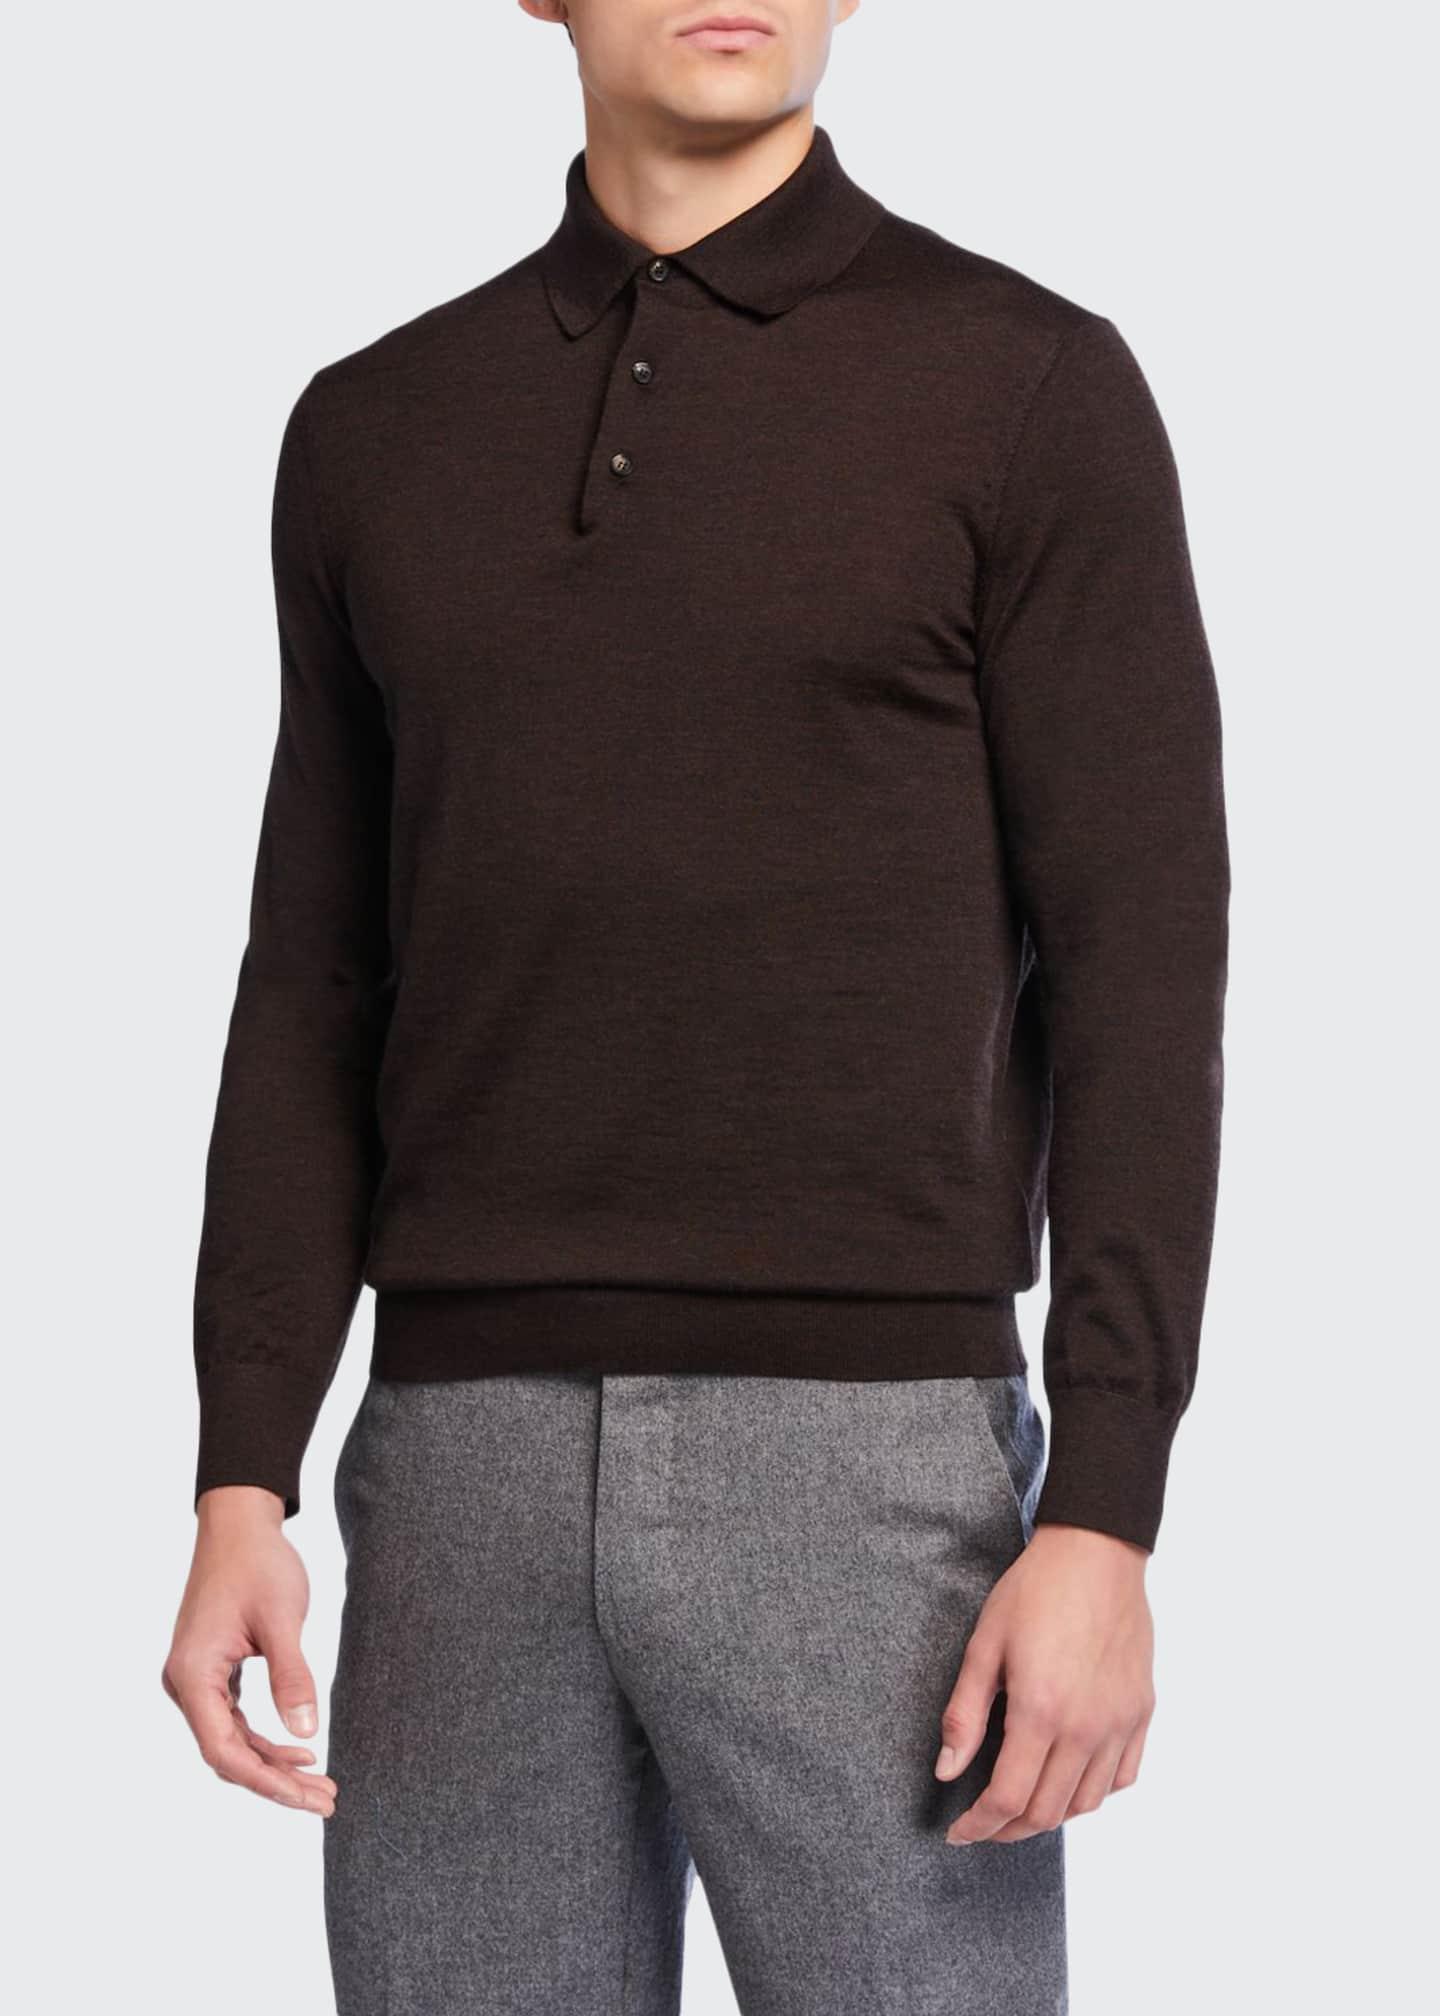 Ermenegildo Zegna Men's Long-Sleeve Cashmere-Silk Polo Shirt,